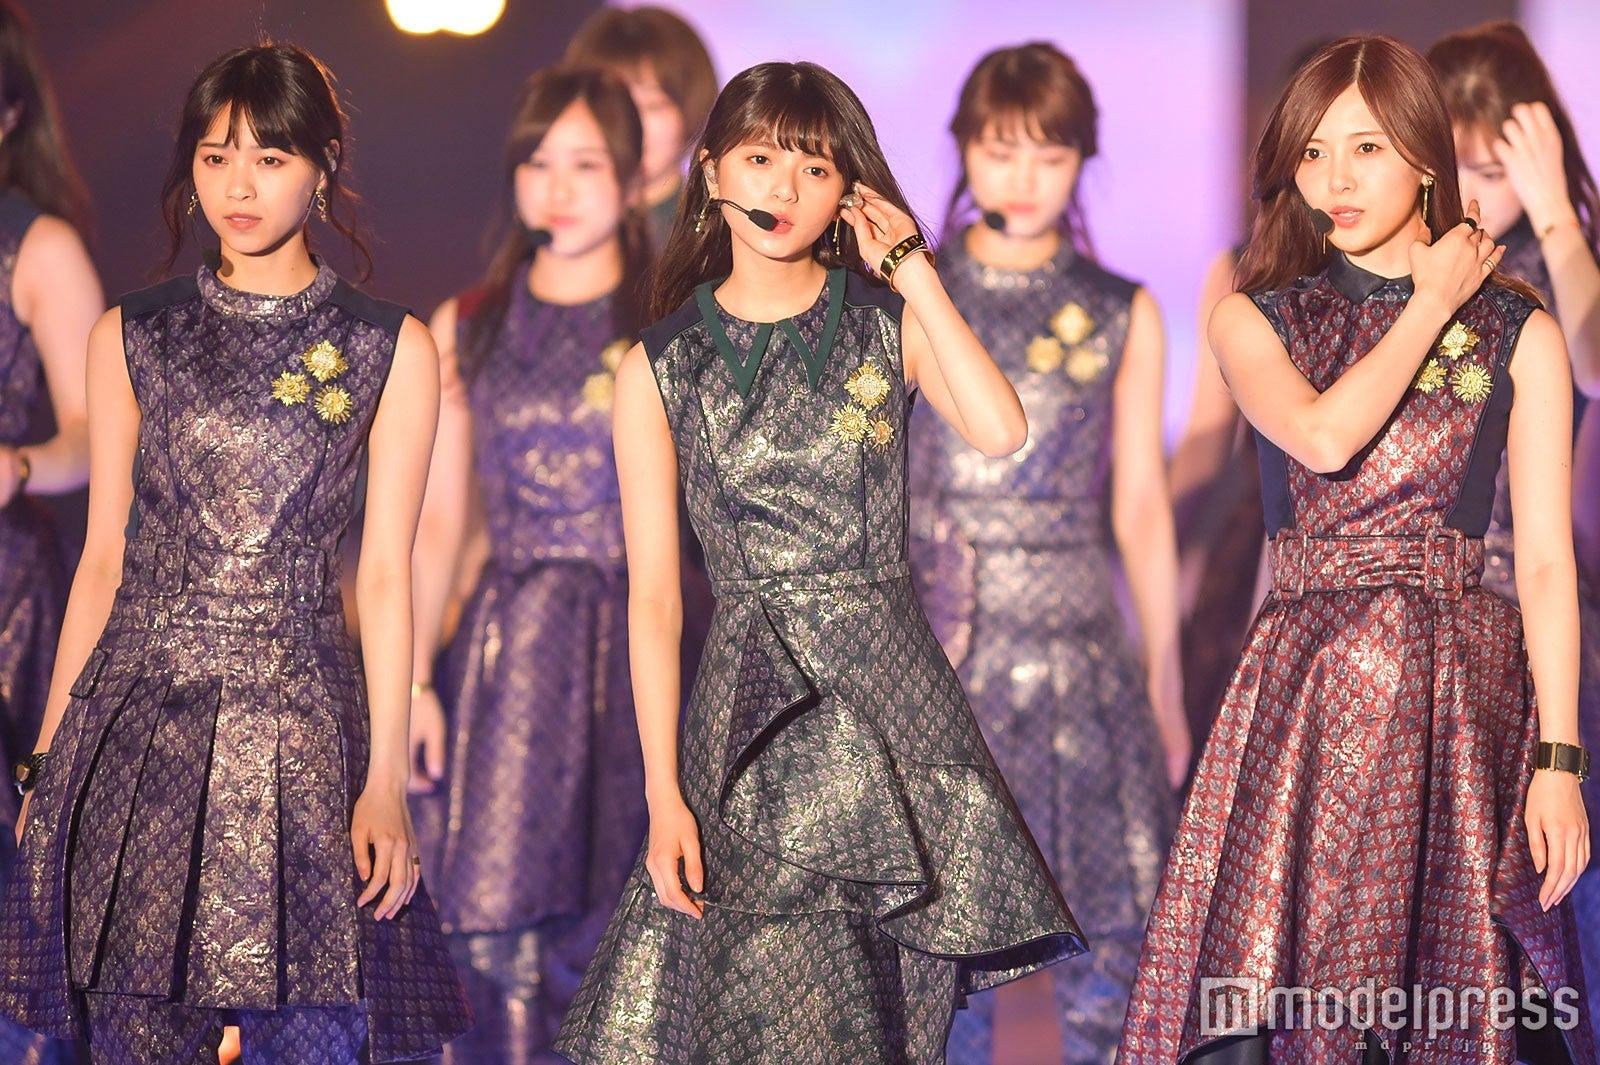 「乃木坂46 インフルエンサー 衣装」の画像検索結果